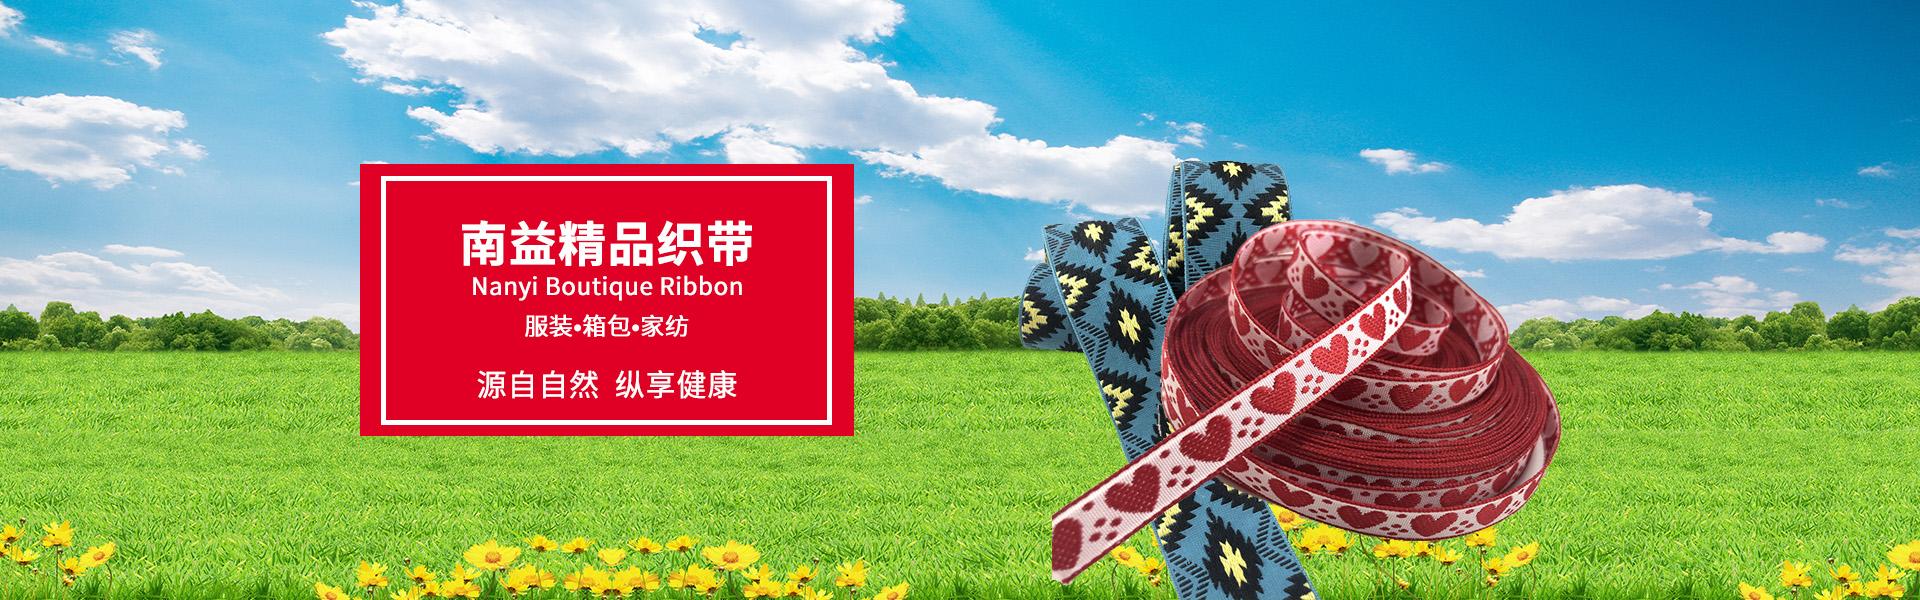 绳带 织带生产厂家 织带工厂